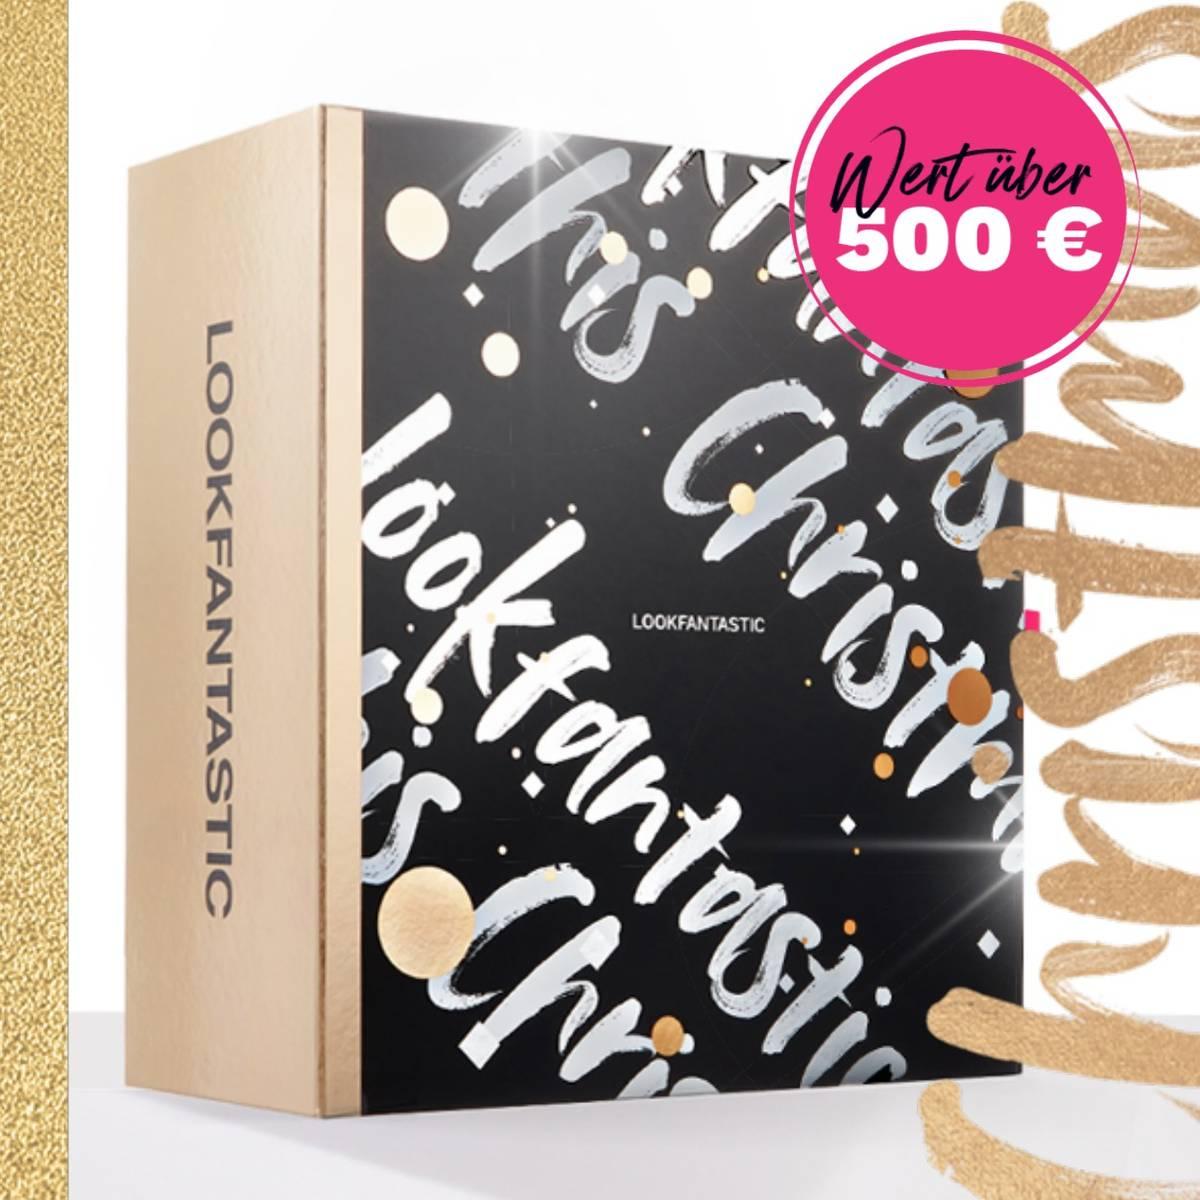 Es ist so weit, der LOOKFANTASTIC Adventskalender 2020 ist da! Mit 25 unglaublichen Produkten und einem Gesamtwert von über 500 €, ist dieser Kalender das perfekte Geschenk, um Weihnachten entgegenzufiebern.